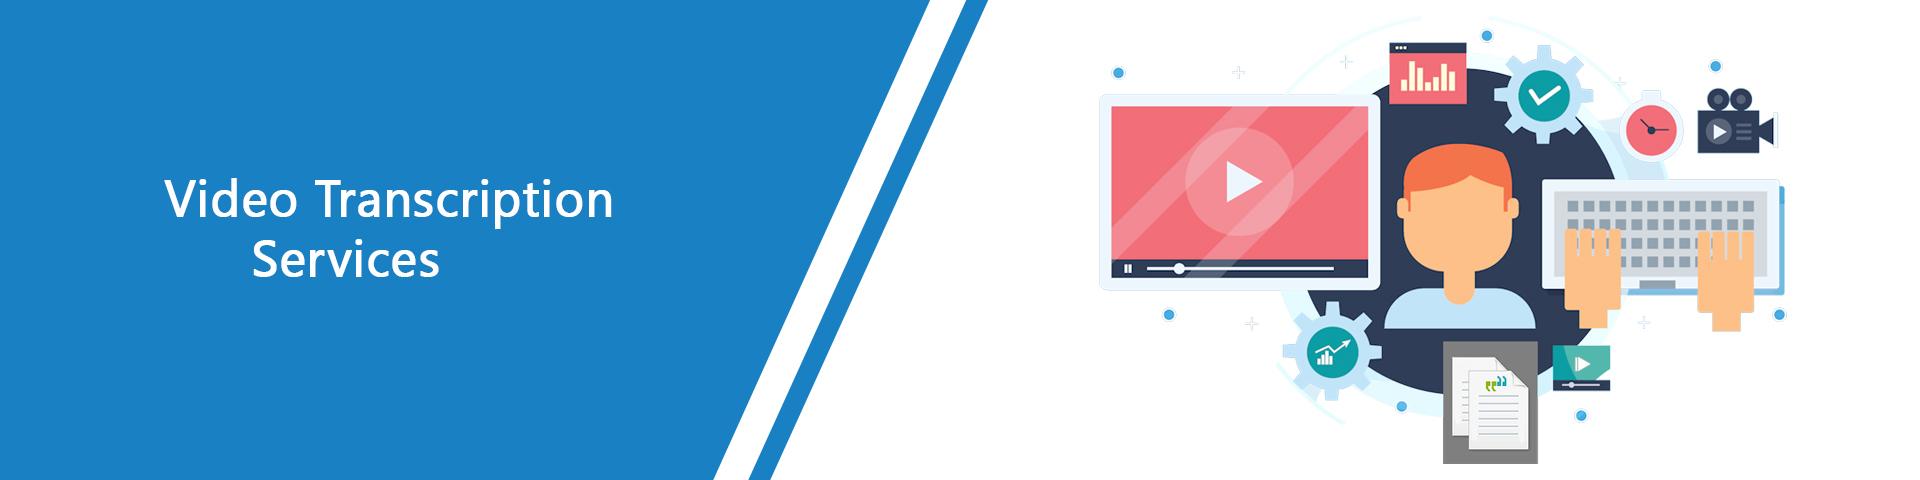 Video Transcription Services